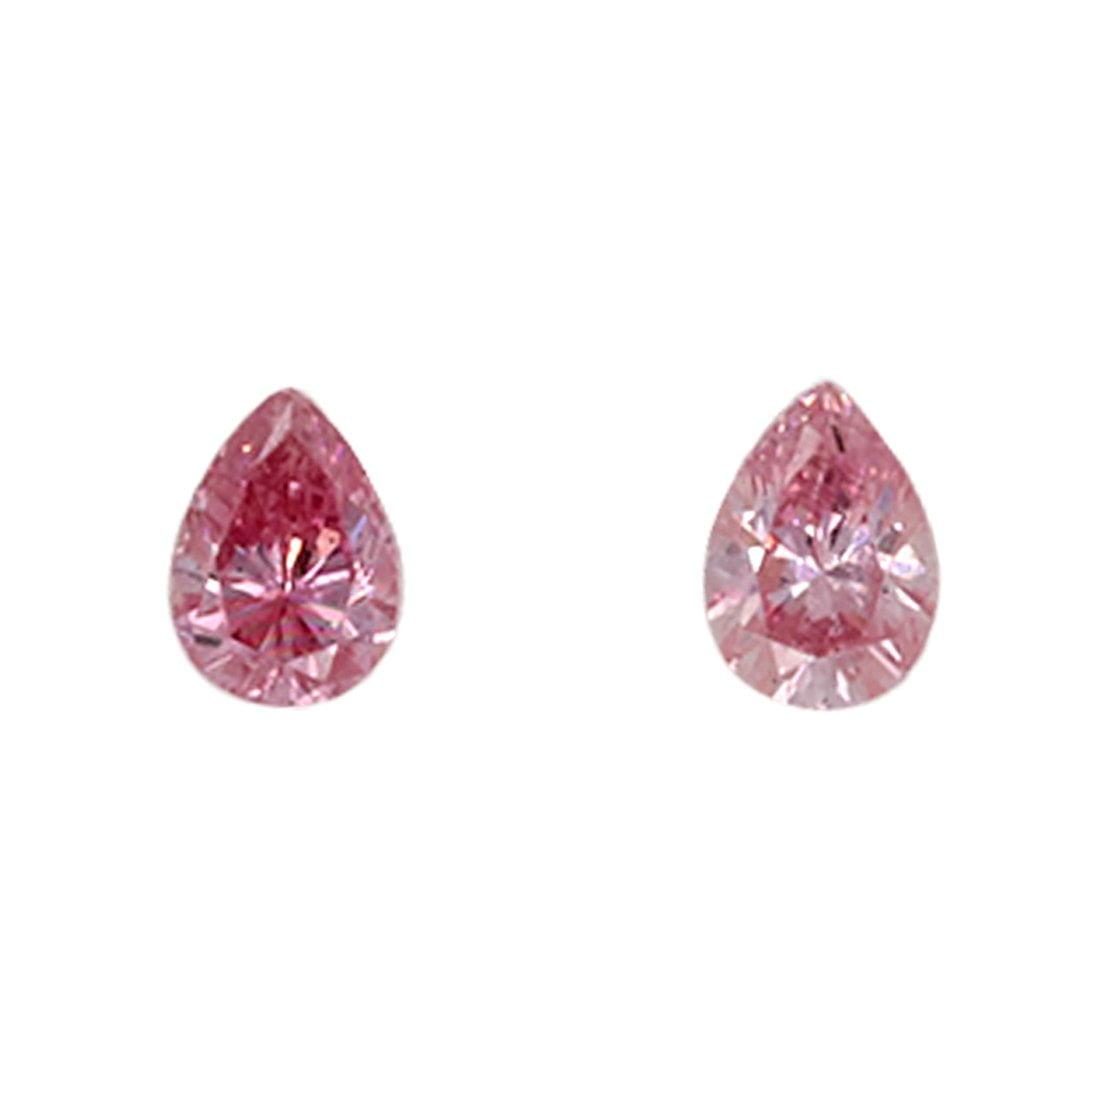 2=0.09ct Natural Fancy Pink - Fancy Intense Purplish Pink, 5PP Argyle Diamond